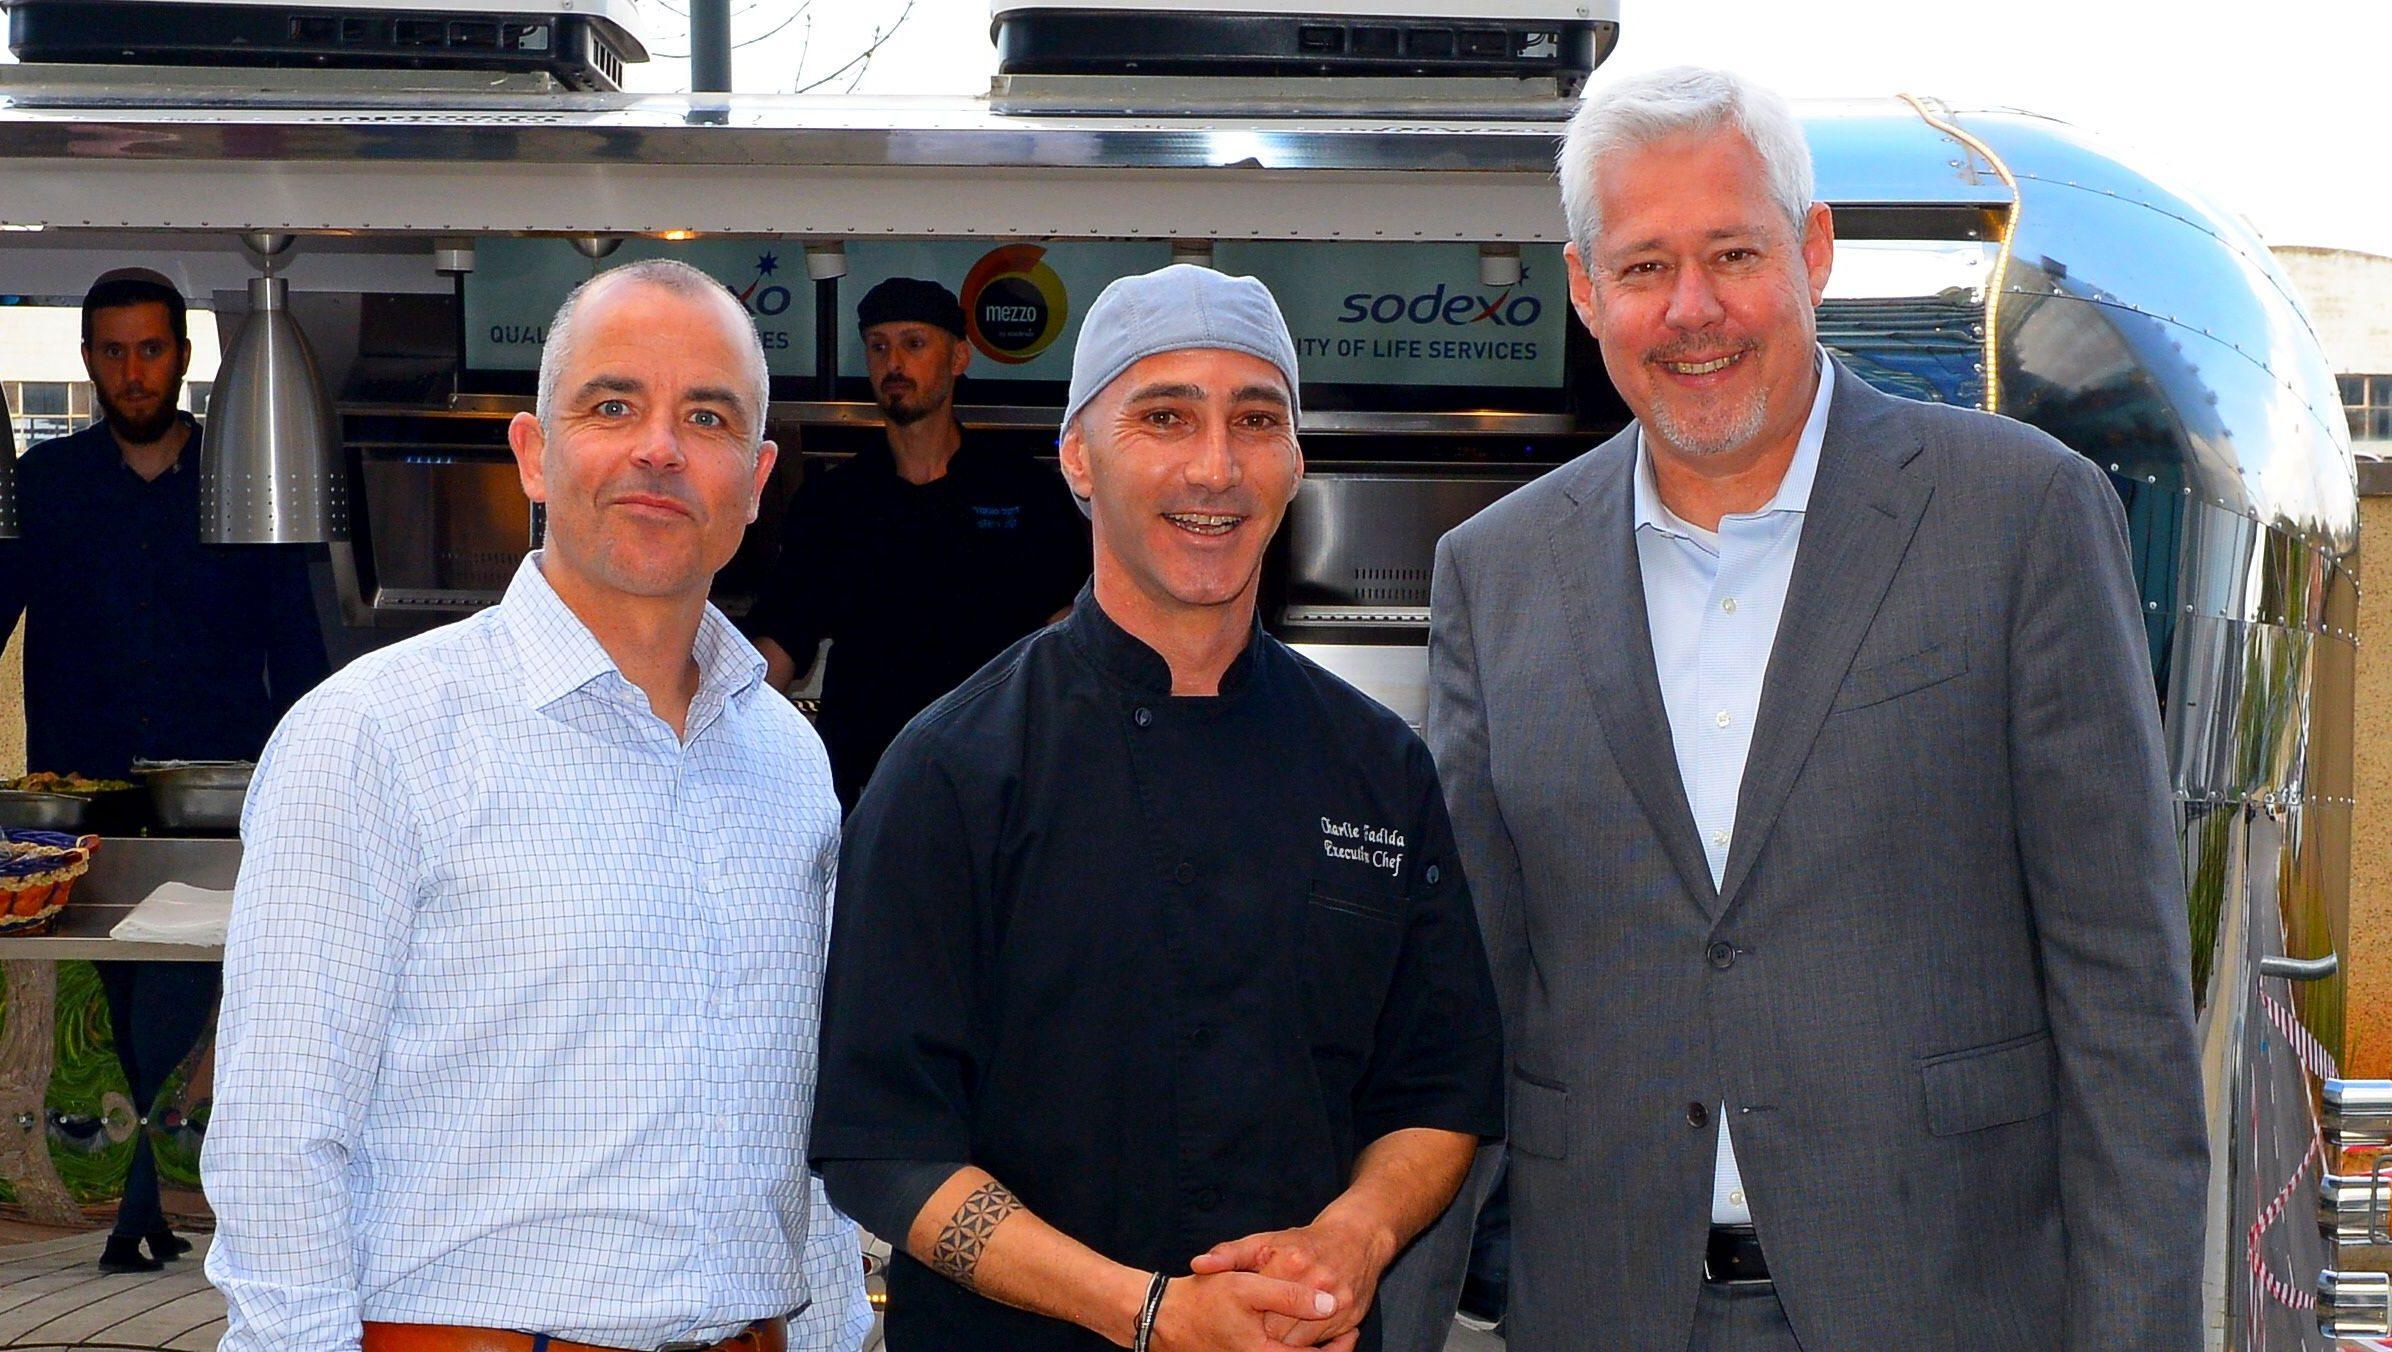 חברת Sodexo On-Site ערכה בבית מגדל אירוע בהשתתפות השף צ'רלי פדידה